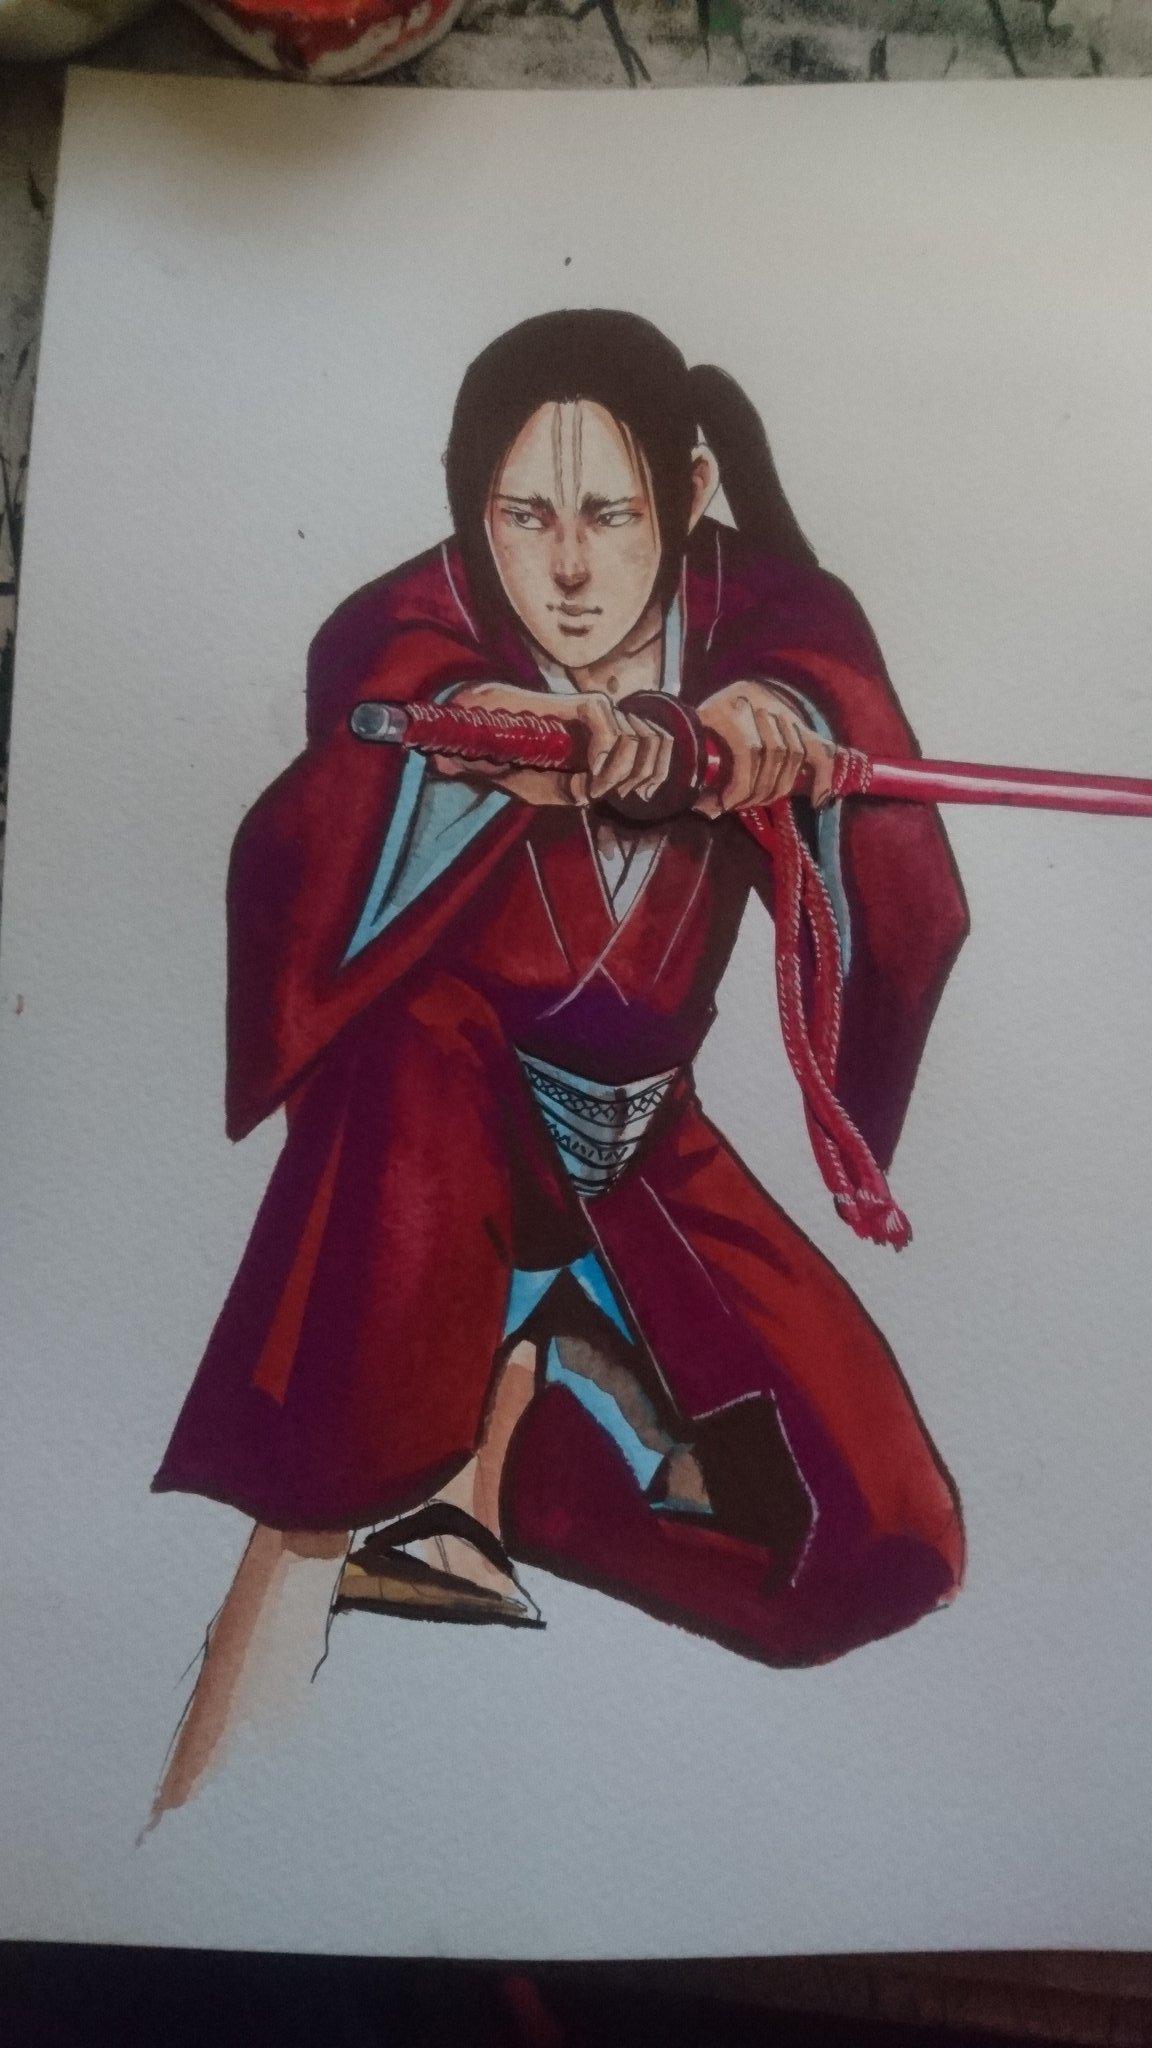 """藤原芳秀 on twitter: """"急なイラスト依頼「死神 幻十郎」作画中ー。… """""""